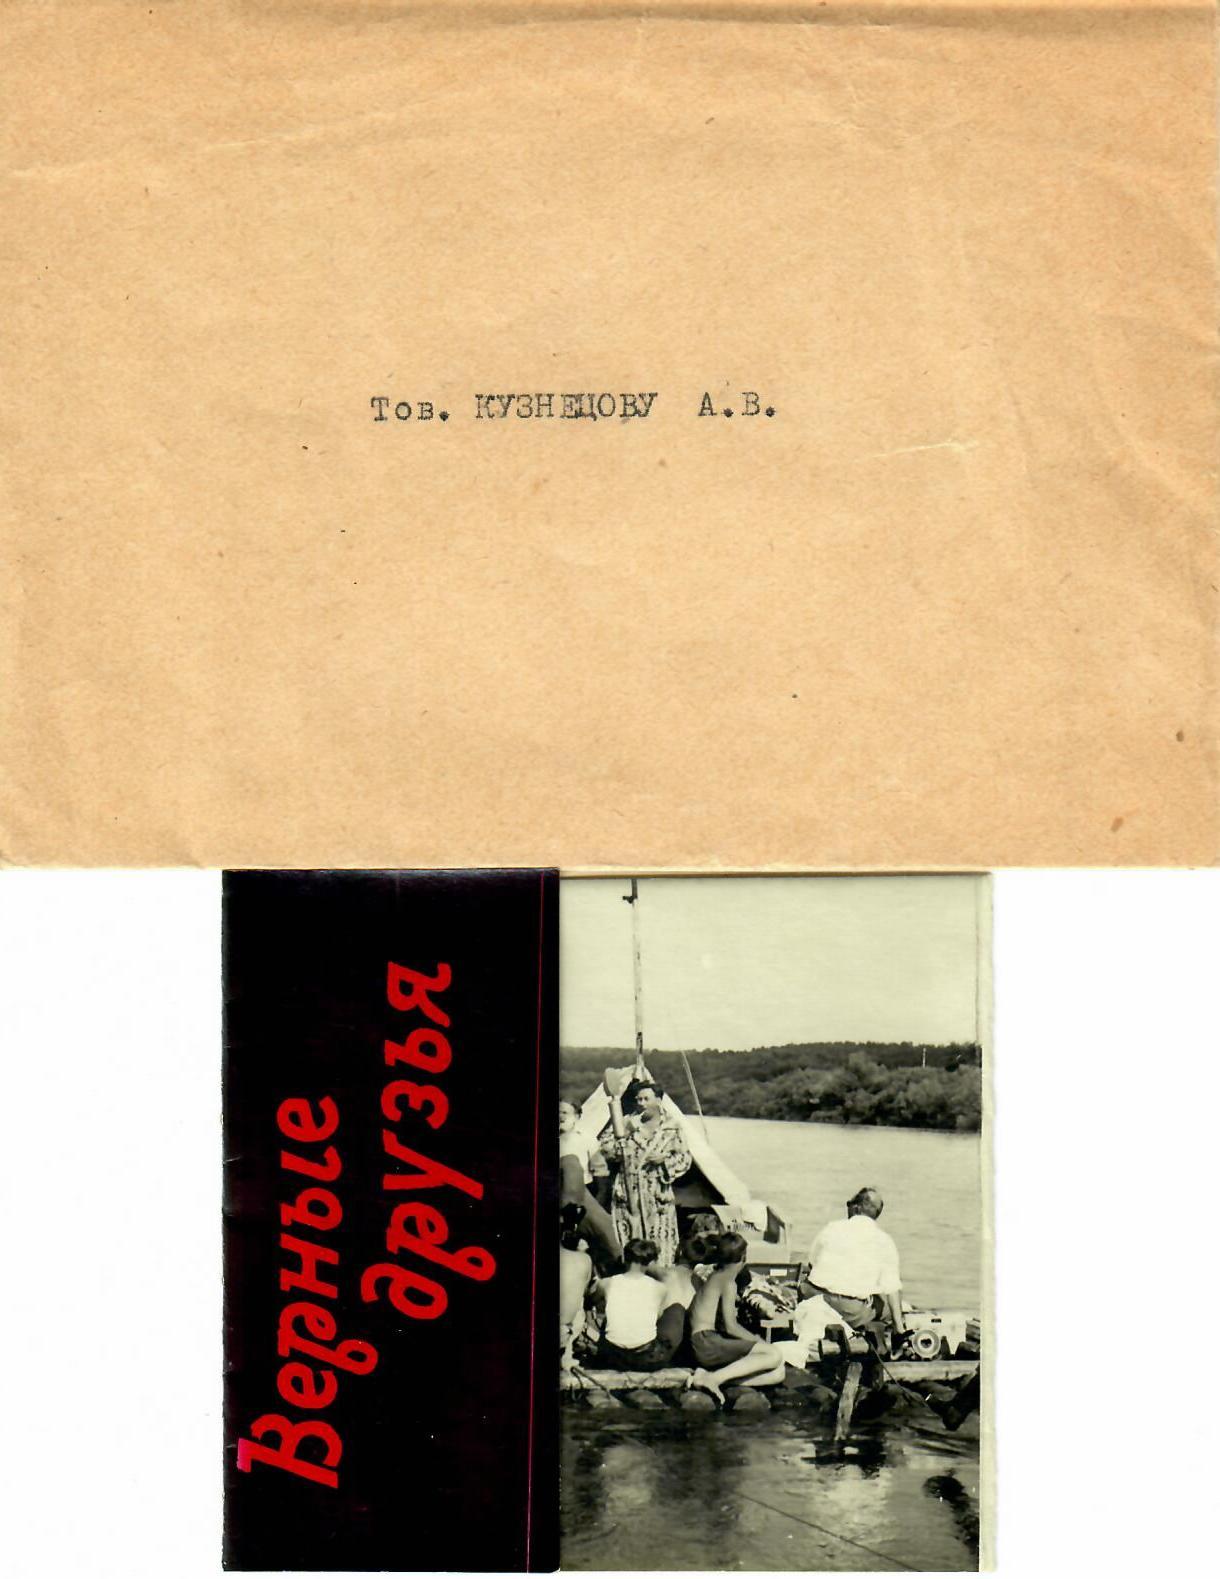 1954. Приглашение на дружескую встречу по случаю выхода в свет фильма «Верные друзья», состоявшуюся 28 апреля в ресторане ВТО, на имя Анатолия Васильевича Кузнецова